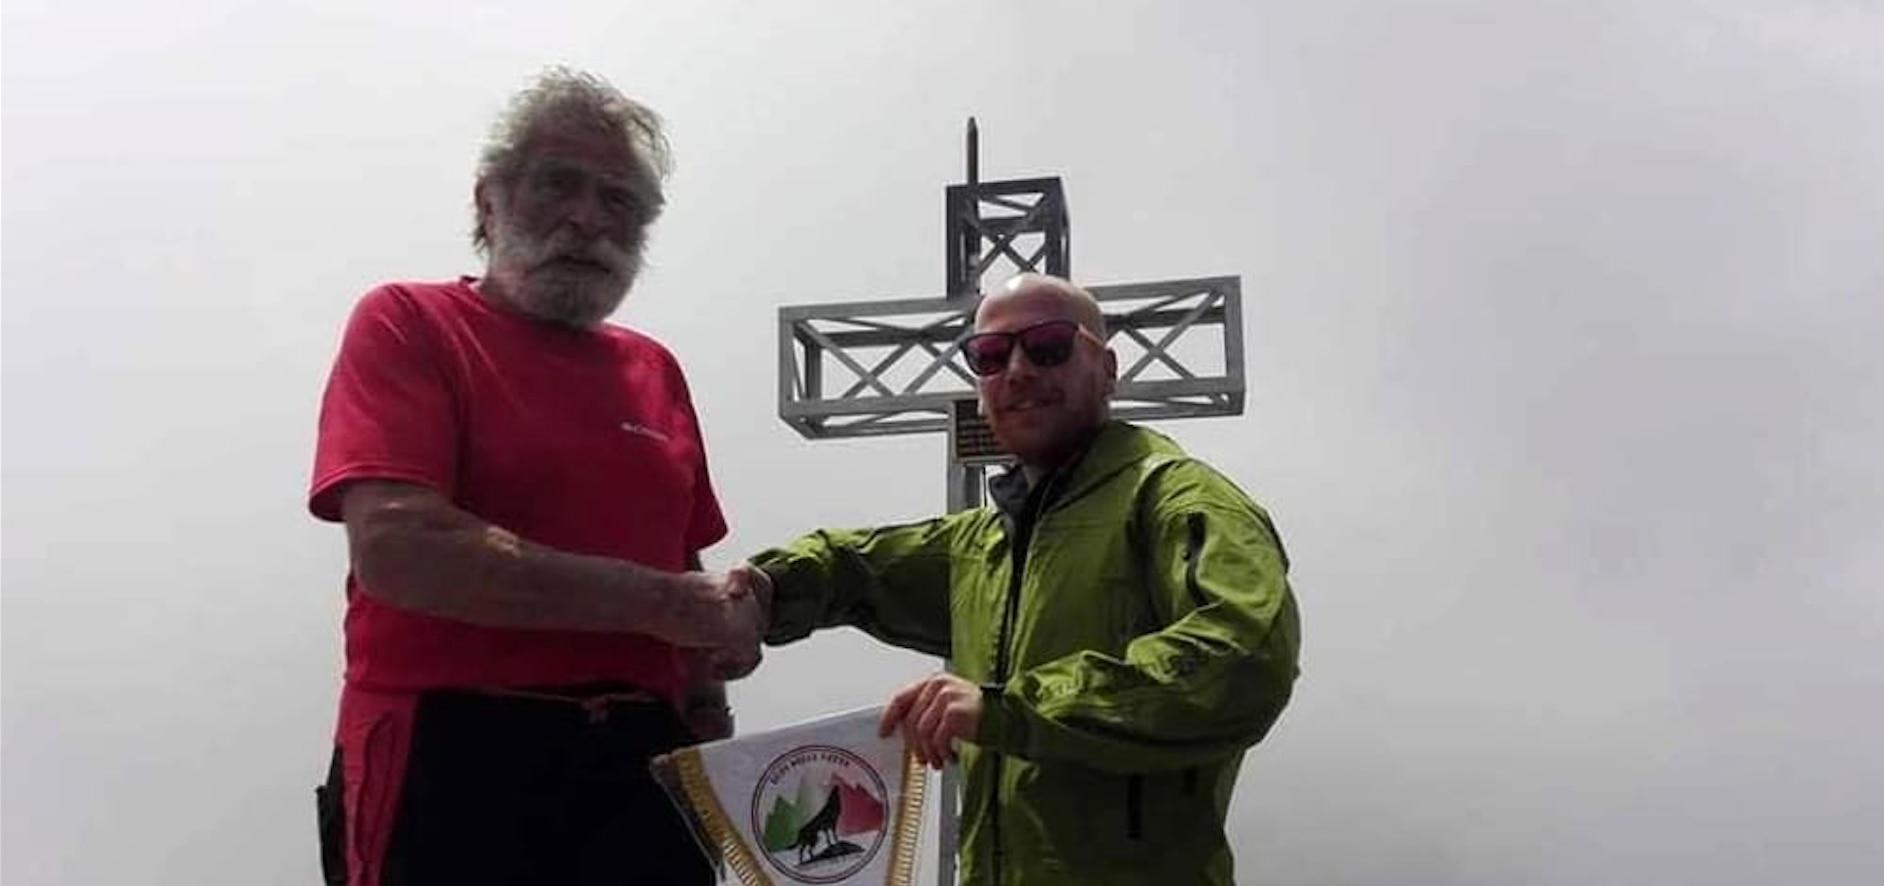 Photo of Croce della Grignetta: il CAI nella polemica per una foto con i neofascisti, ma il Sodalizio si smarca